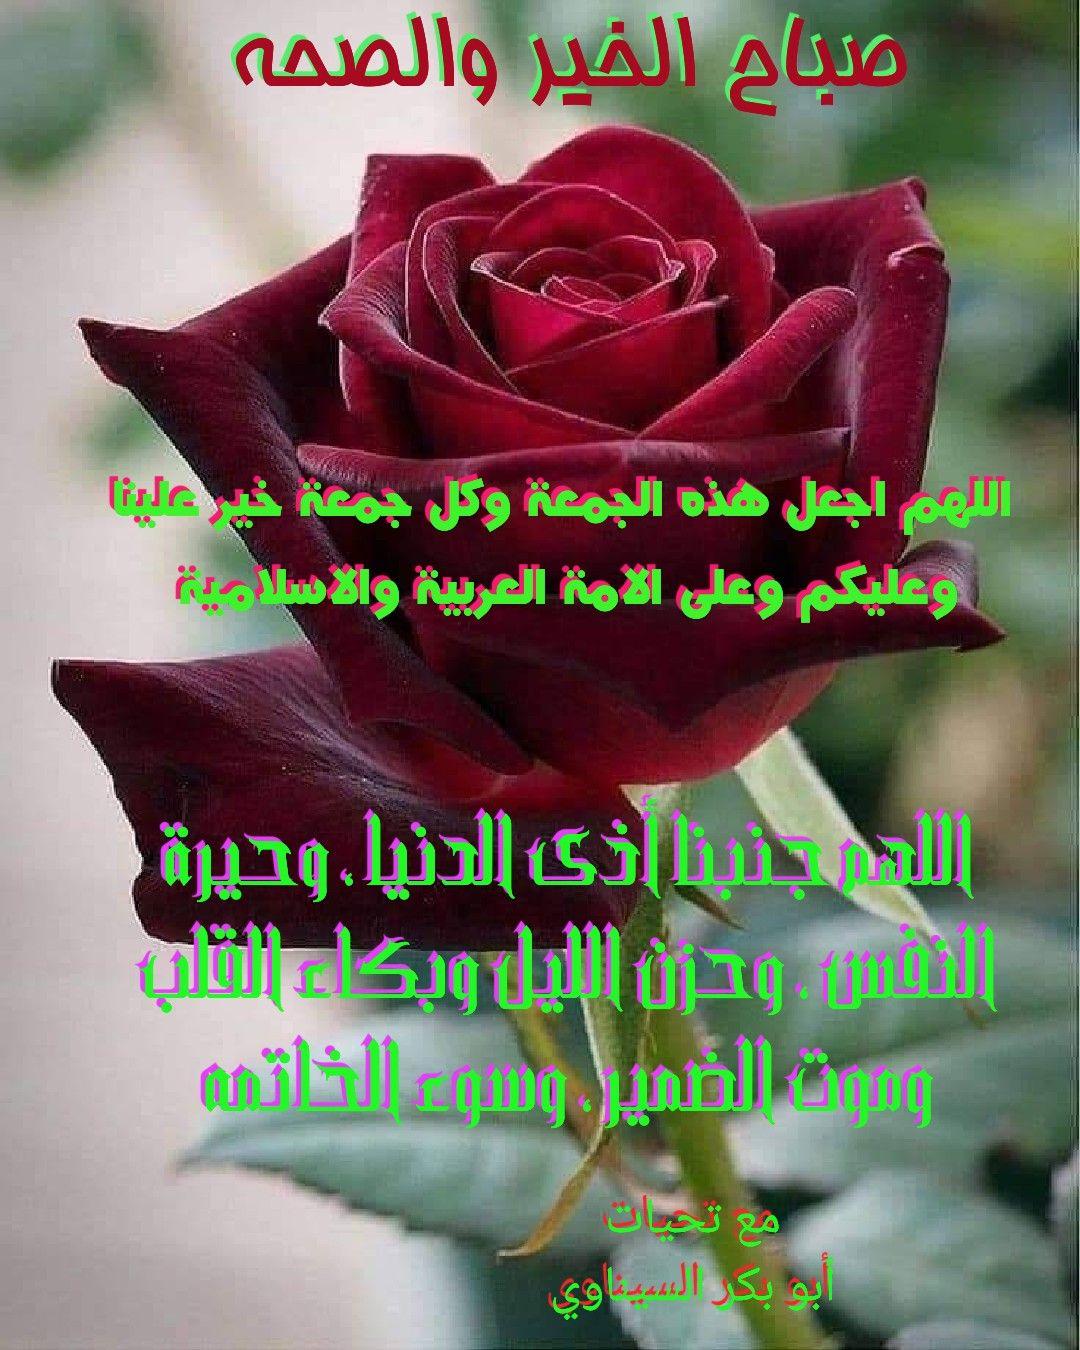 Pin By عبد الحكيم السيناوي On عبد الحكيم السيناوي Movie Posters Movies Poster